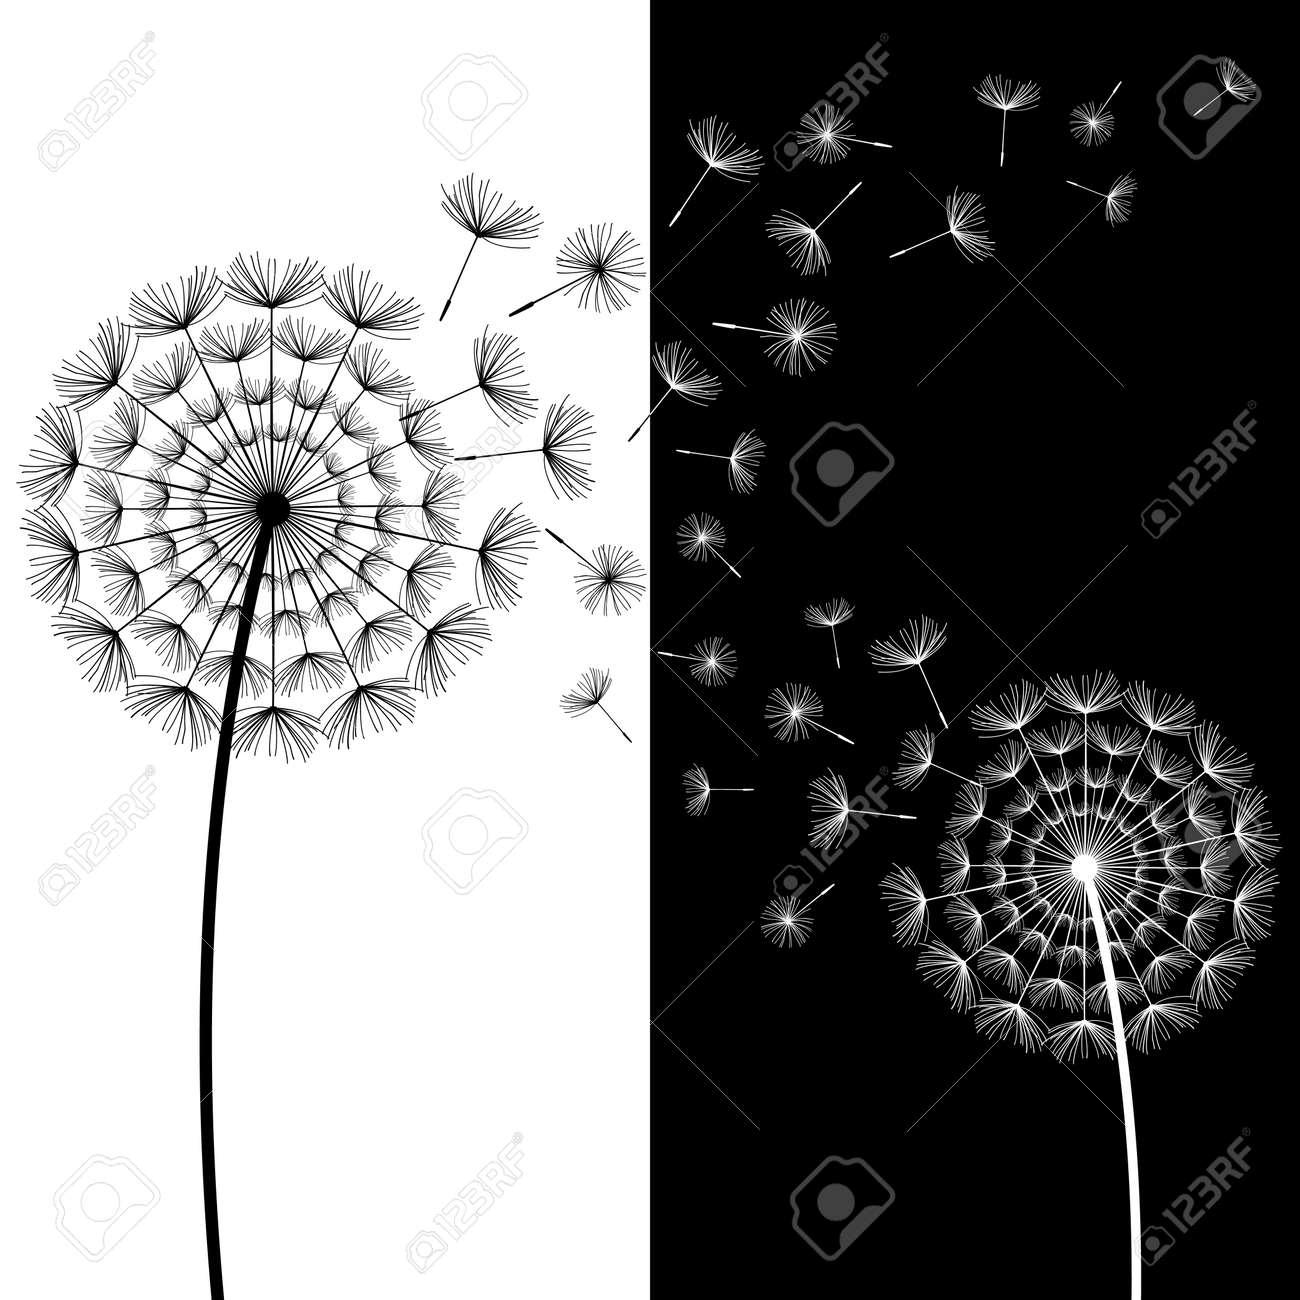 Beau Fond Abstrait Avec Deux Pissenlits Stylises Noir Et Blanc